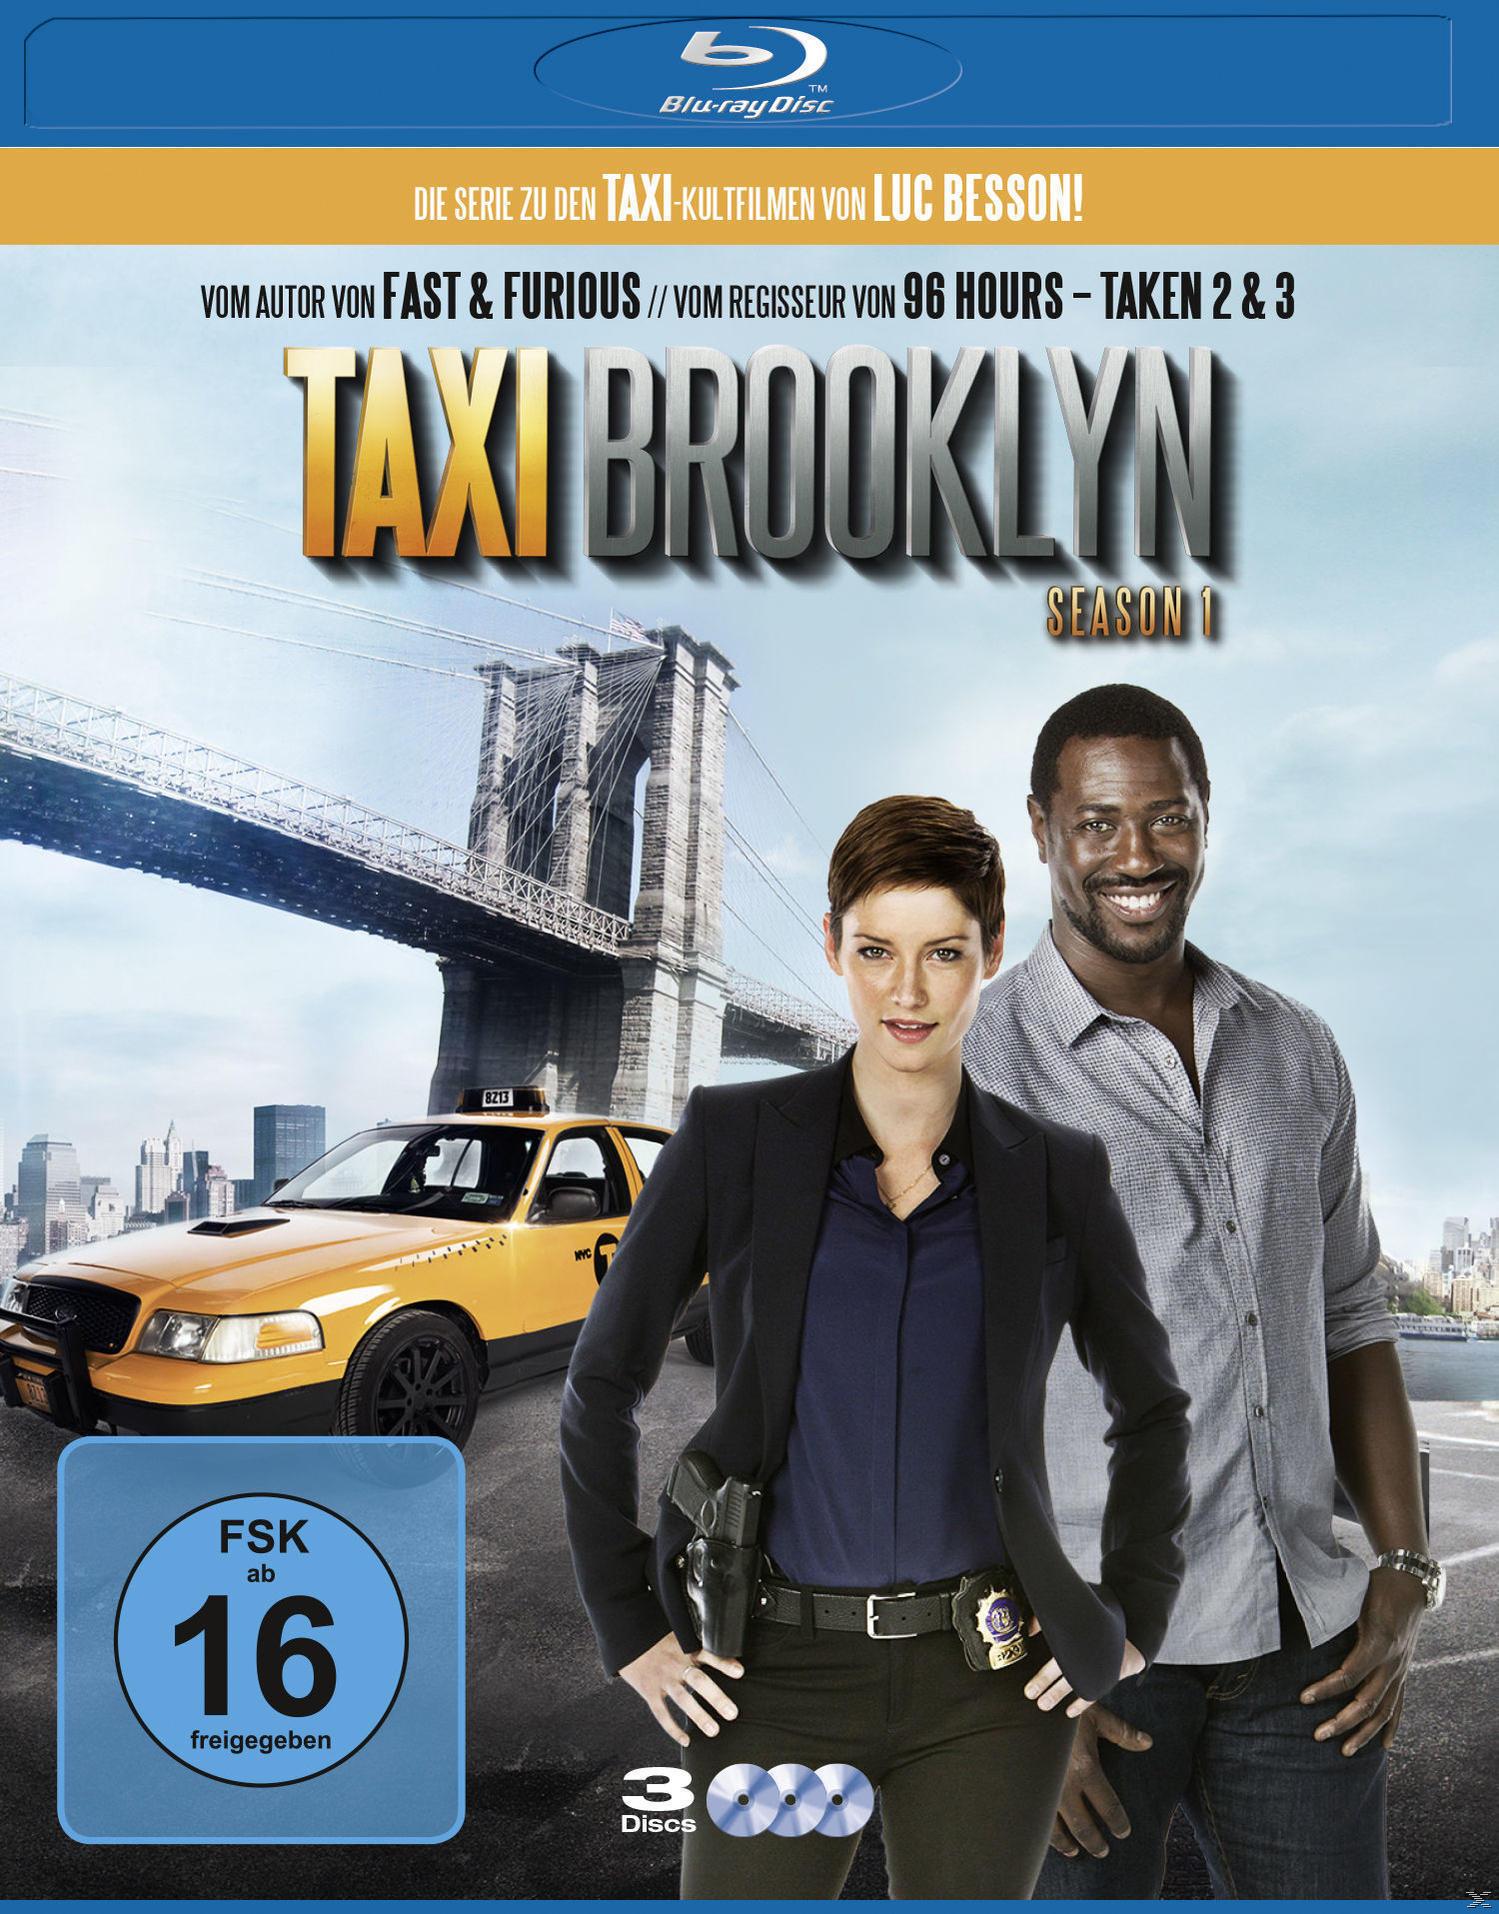 Taxi Brooklyn - Staffel 1 Bluray Box (BLU-RAY) für 27,46 Euro